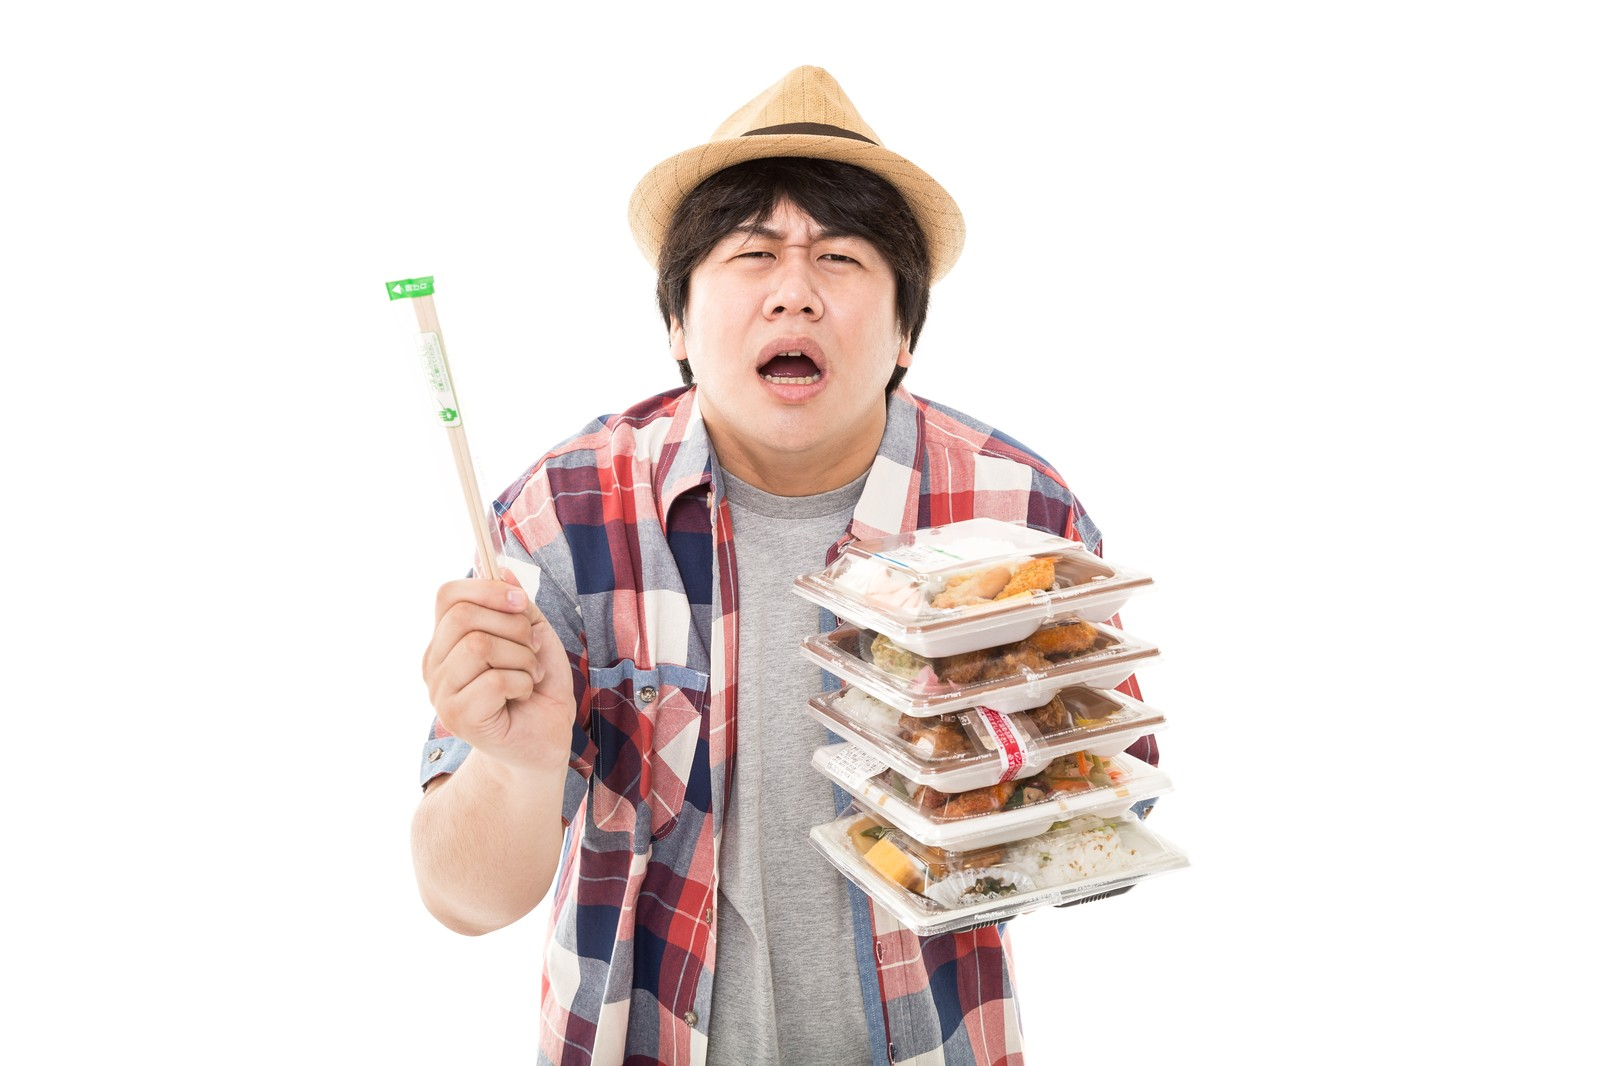 「おい、コンビニ店員よ。俺は弁当を5個買ってんだぞ?何故箸を…1膳しか入れない。だが店員よ…お前は正しい。圧倒的に正しい。」の写真[モデル:あまのじゃく]